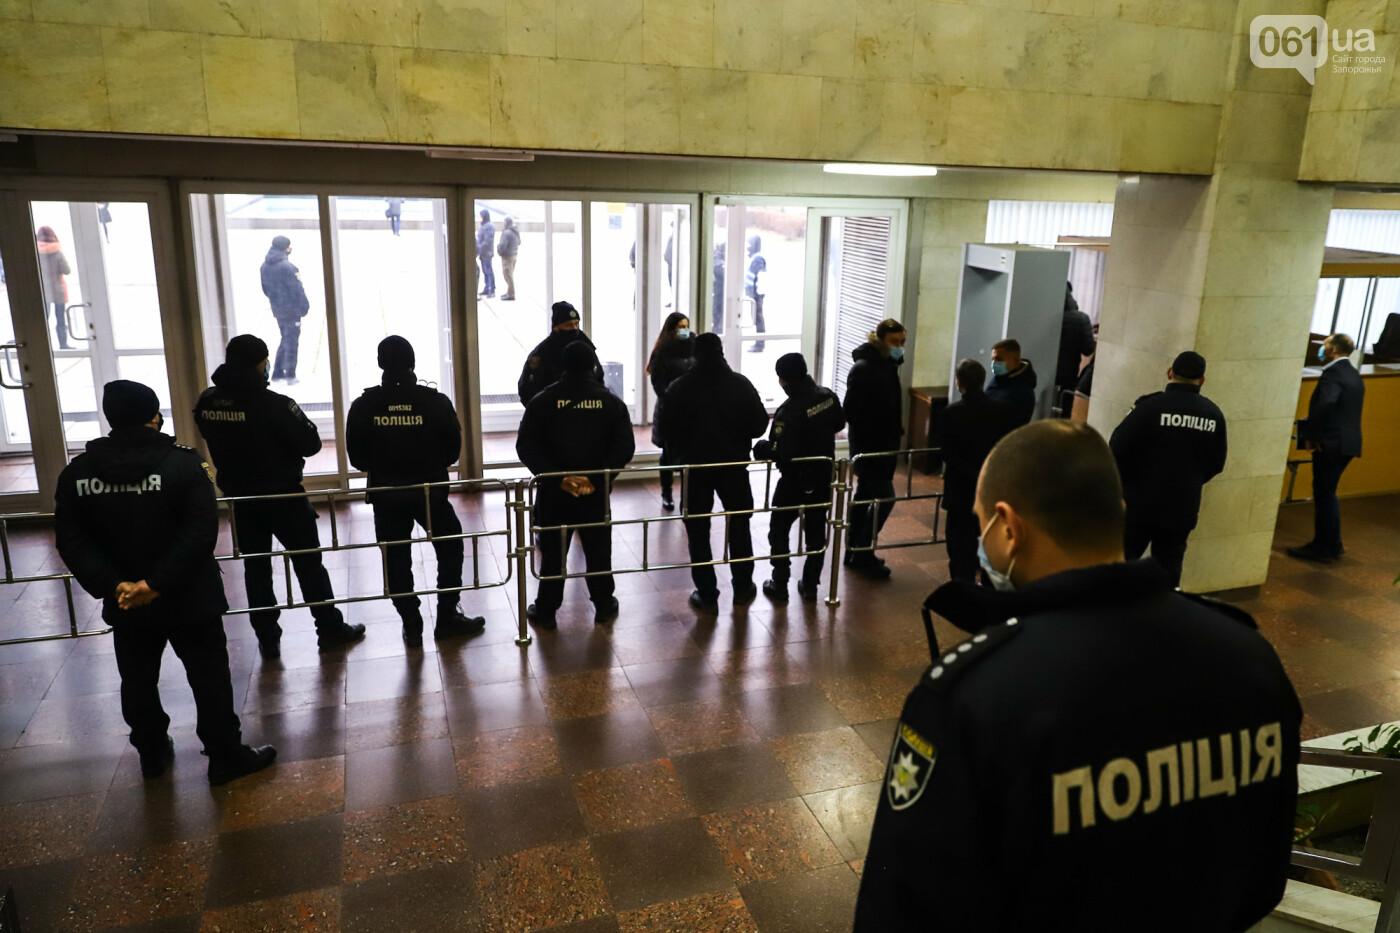 """Тайная """"сессия"""", сотни правоохранителей и стычки с активистами - что происходило в здании Запорожского облсовета, - ФОТО, ВИДЕО , фото-1"""